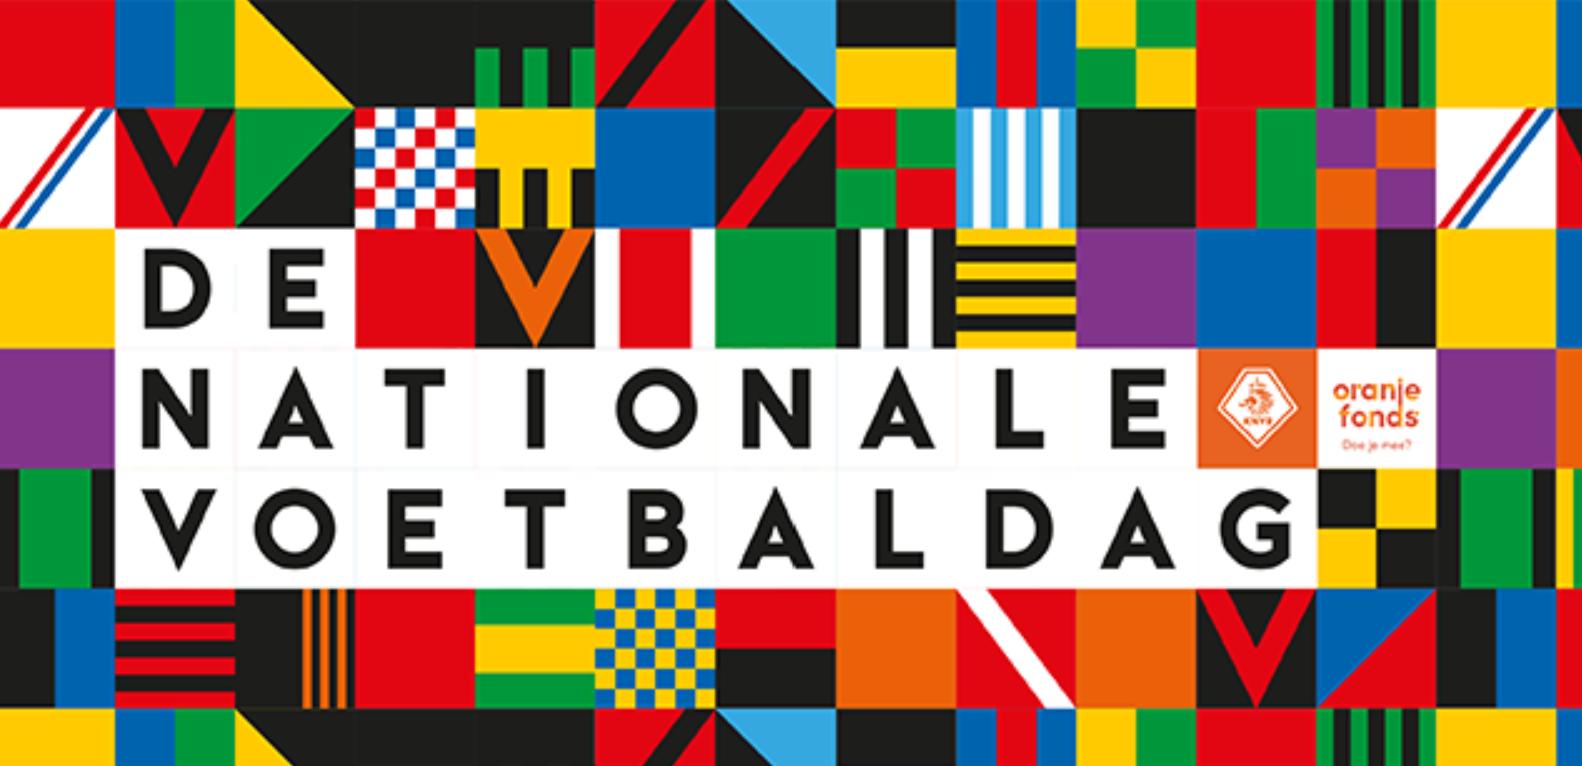 Nationale Voetbaldag